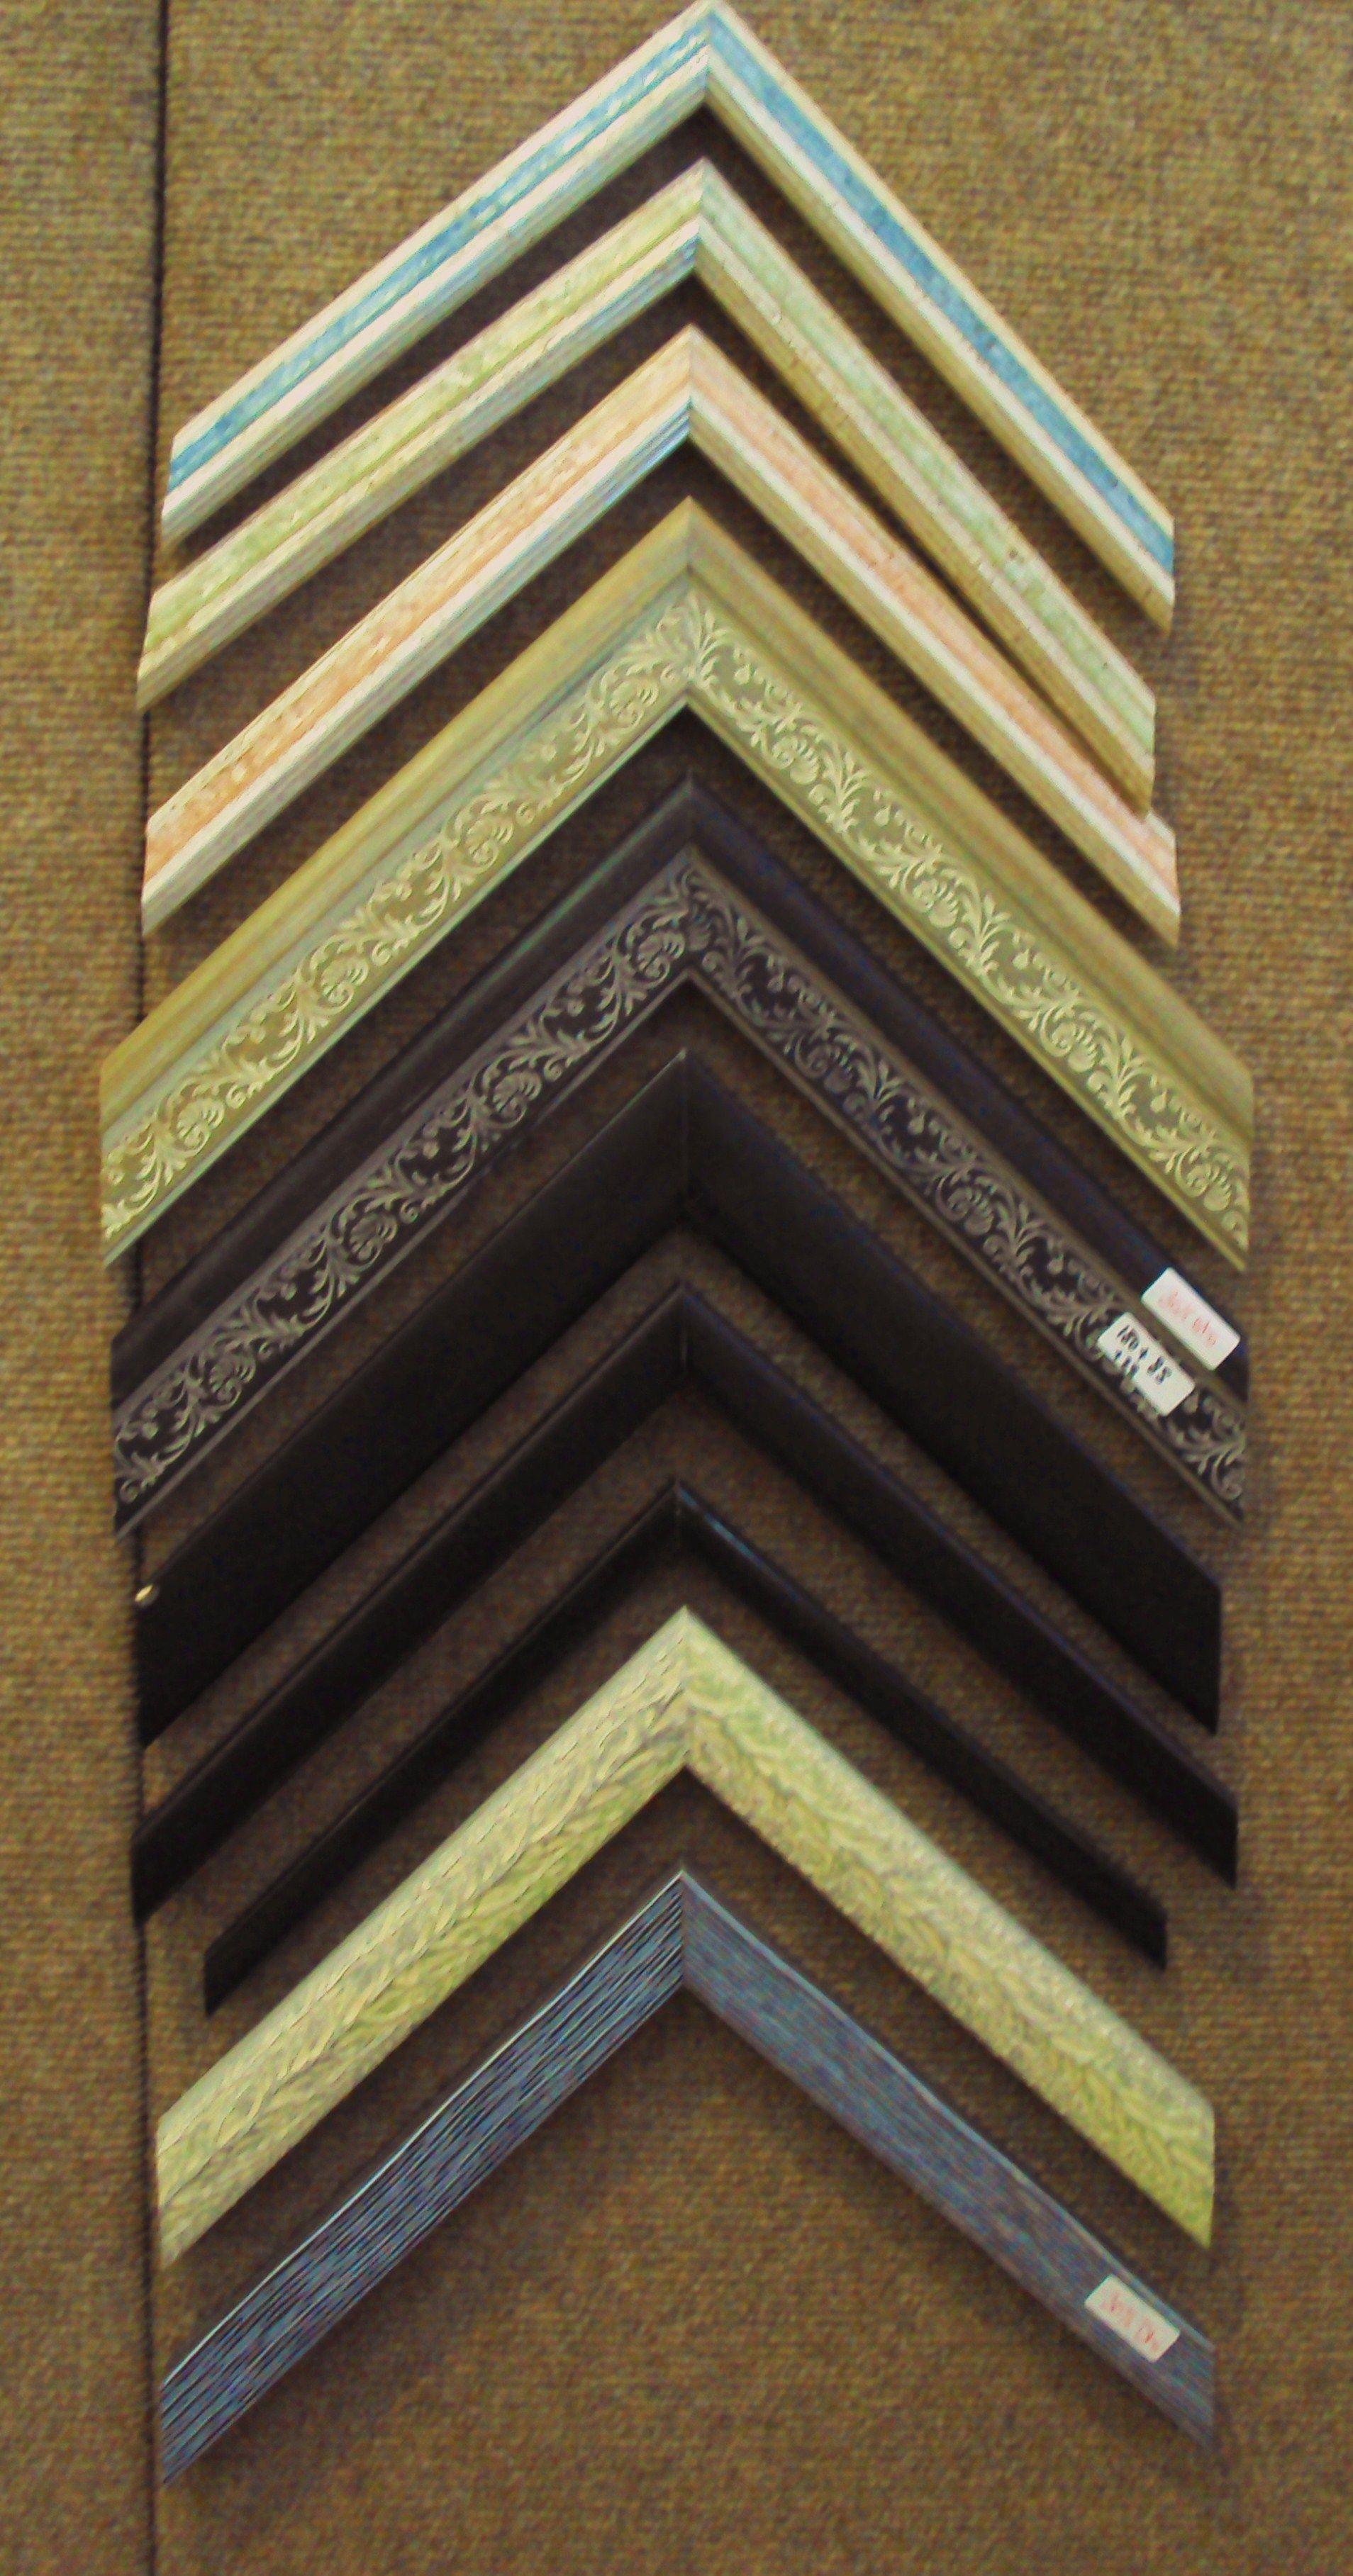 Platas-colores, negras y neutras : Catálogo de Cristalería y taller de enmarcación Urgel